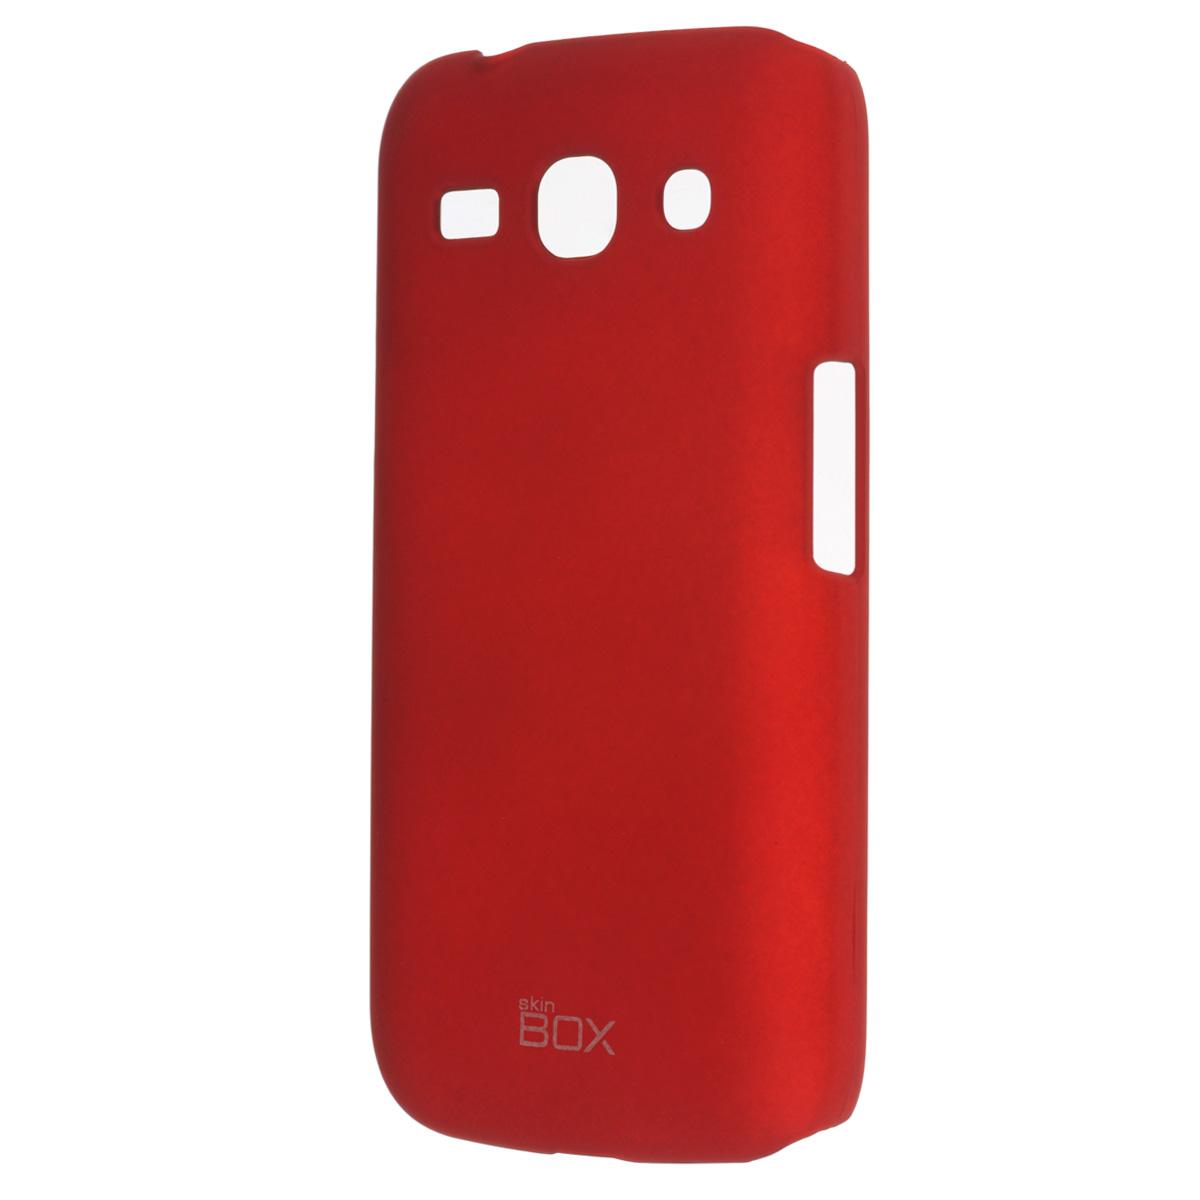 Skinbox Shield 4People чехол для Samsung SM-G350E Galaxy Star Advance, RedT-S-SG350-002Чехол Skinbox Shield 4People для Samsung SM-G350E Galaxy Star Advance предназначен для защиты корпуса смартфона от механических повреждений и царапин в процессе эксплуатации. Имеется свободный доступ ко всем разъемам и кнопкам устройства. В комплект также входит защитная пленка на экран телефона.